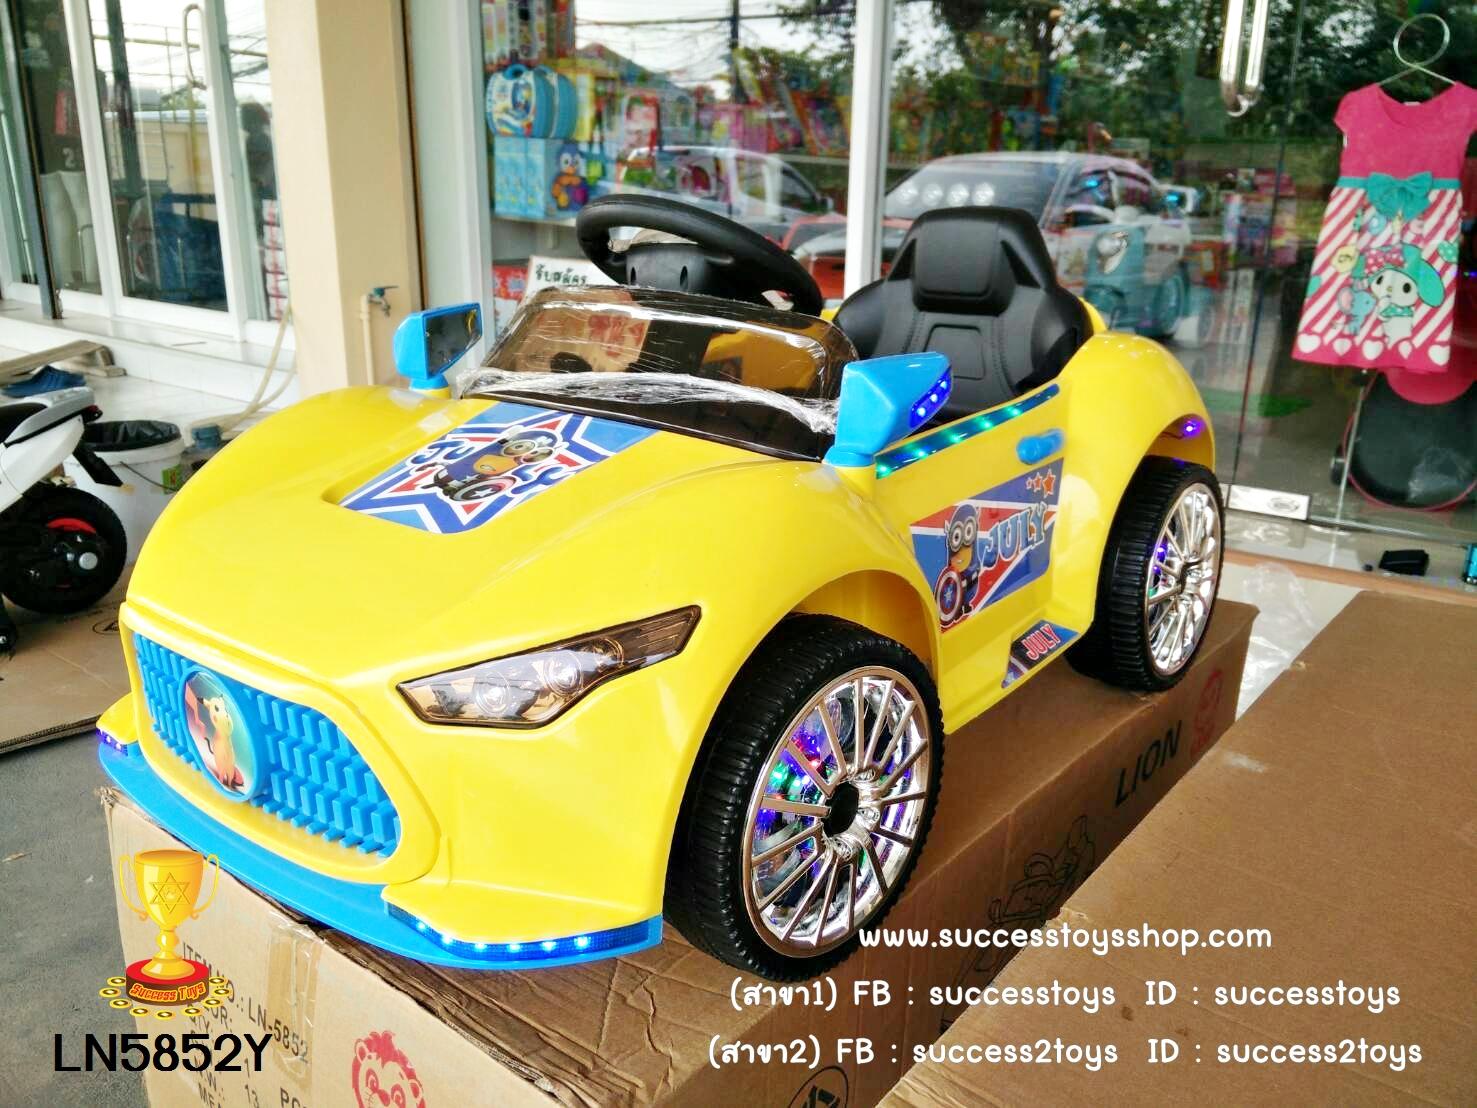 LN5852Y รถแบตเตอรี่เด็กนั่งไฟฟ้าสีเหลือง ล้อมีไฟ (2มอเตอร์)